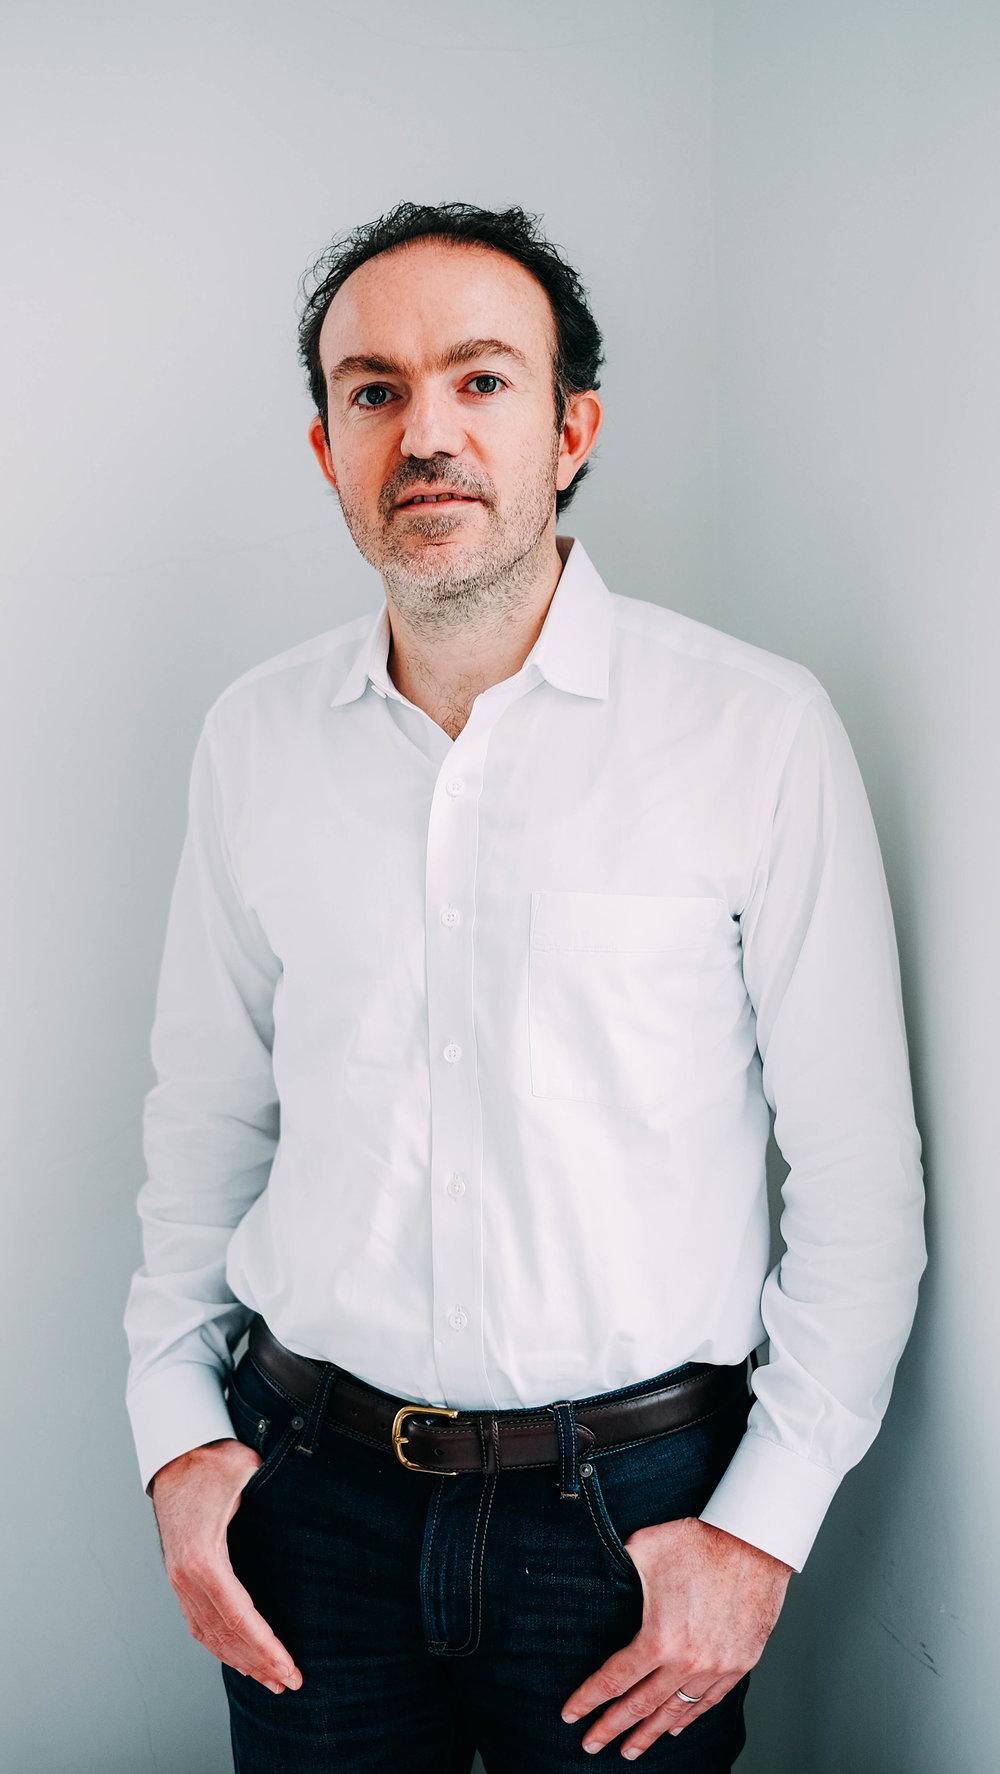 Sebastian Cwilich, Artsy